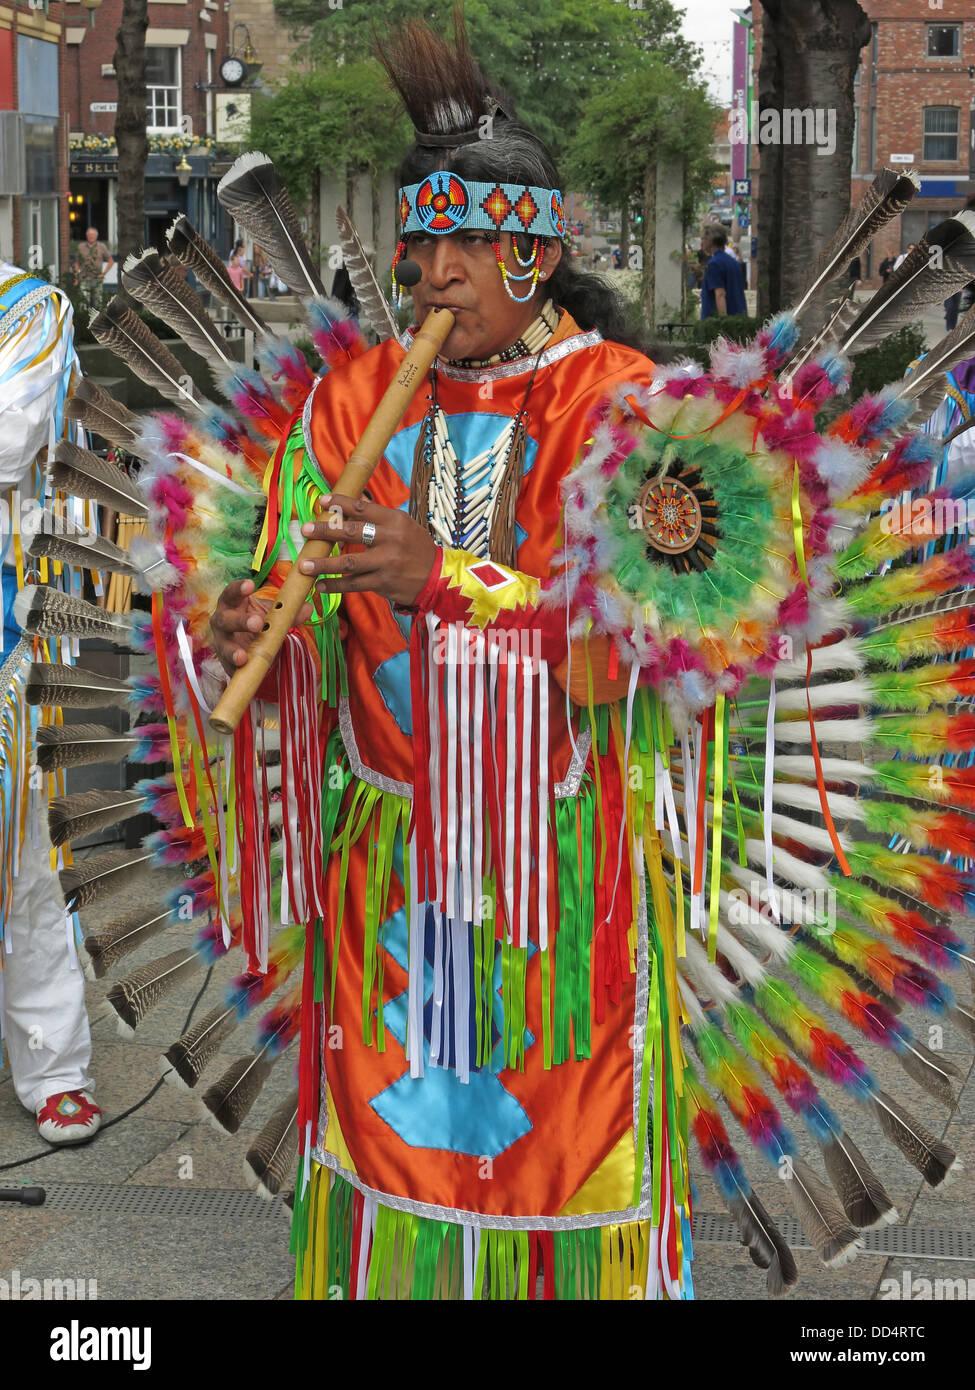 Laden Sie dieses Alamy Stockfoto Peruanische südamerikanischen Buskers / Entertainer in Warrington Stadtzentrum, Cheshire, England, UK - DD4RTC